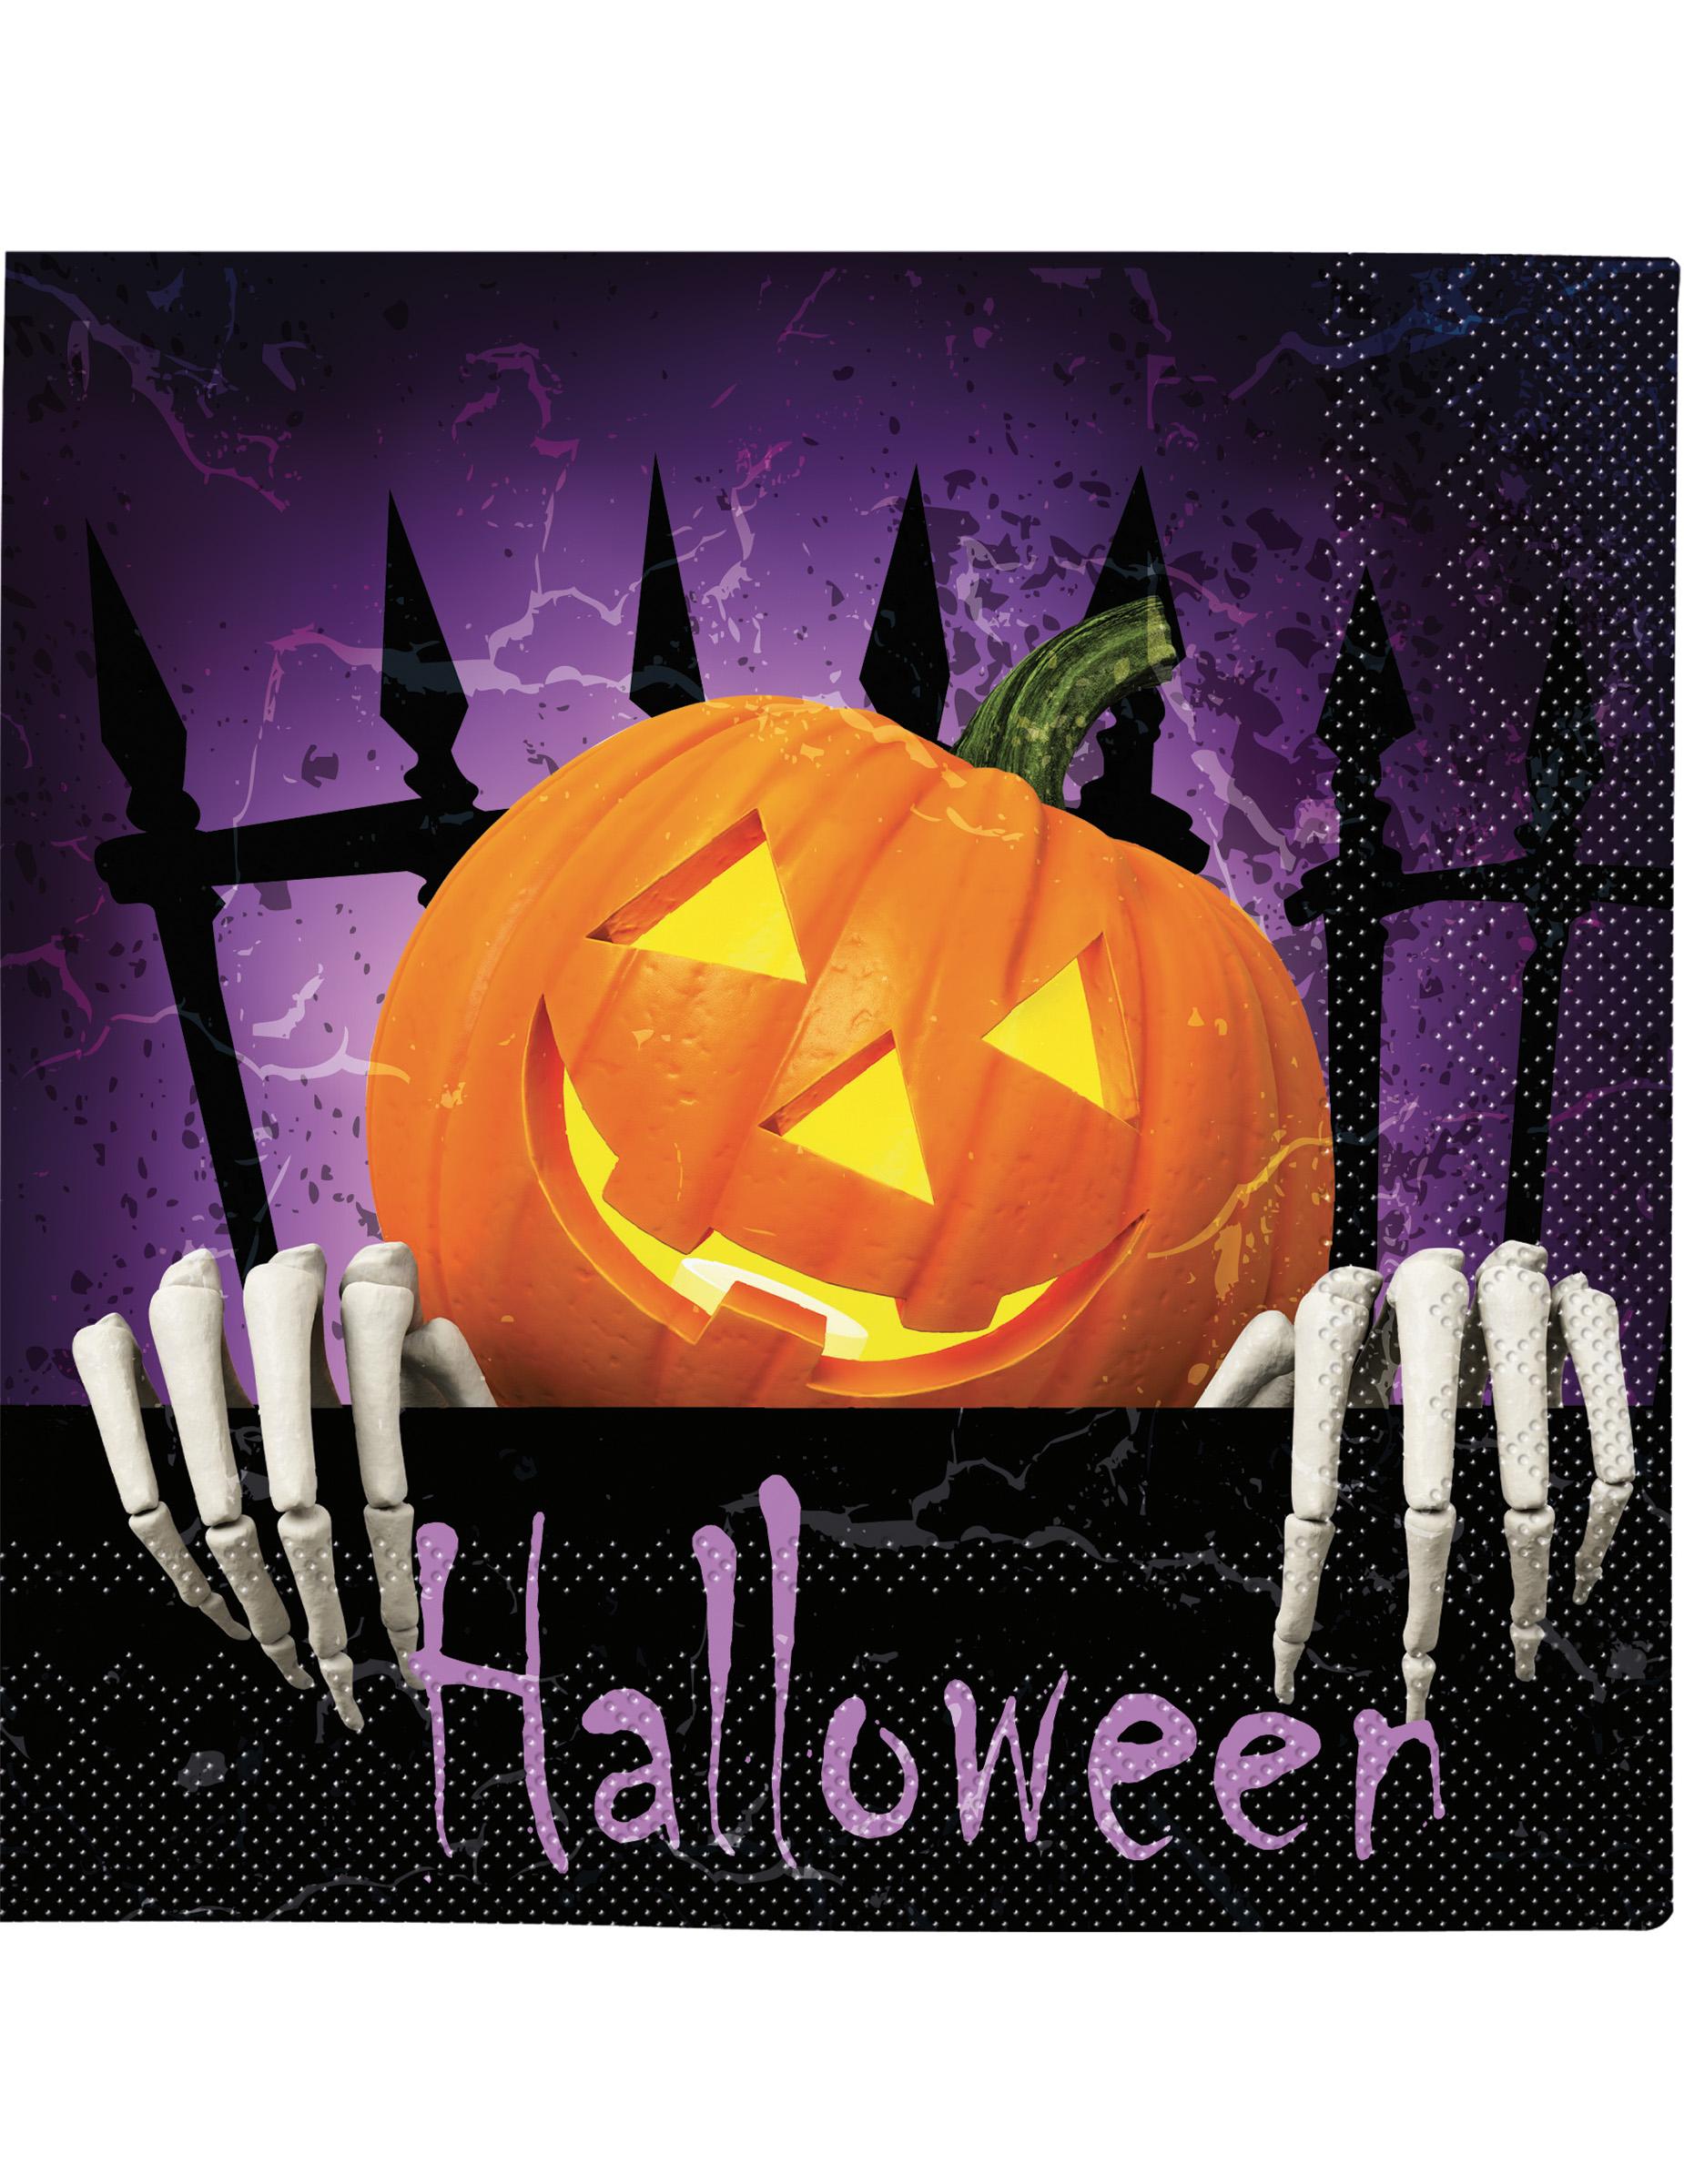 20 serviettes en papier citrouille halloween d coration anniversaire et f tes th me sur - Citrouille halloween en papier ...